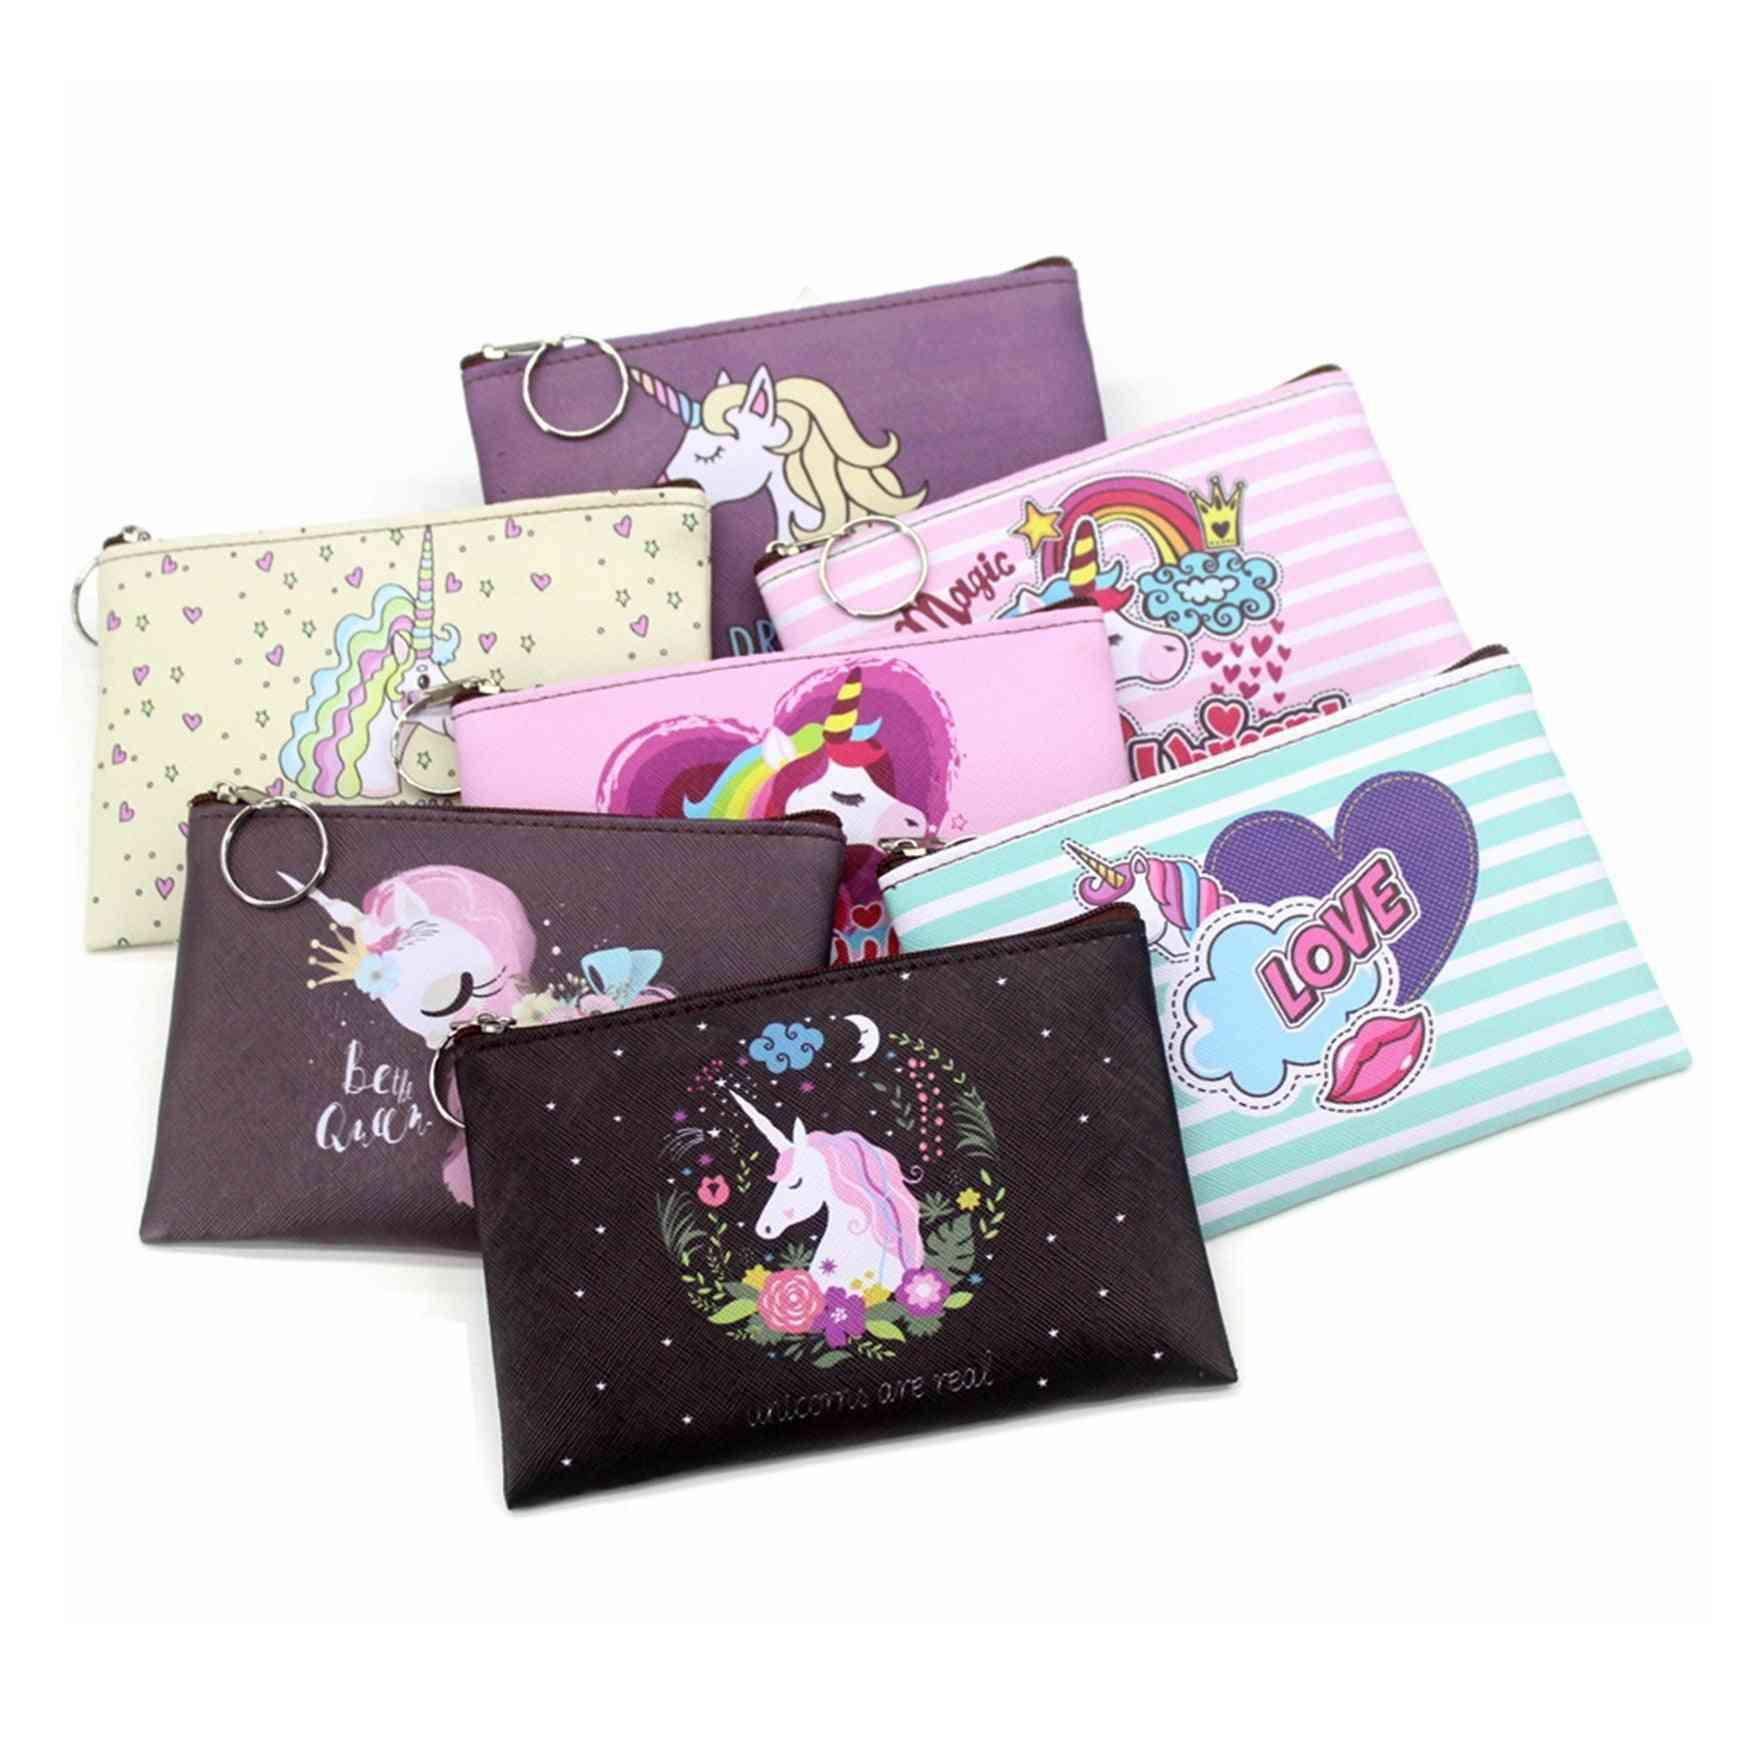 Mini Wallets Cute Card Holder, Women Key Money Bags / Purse